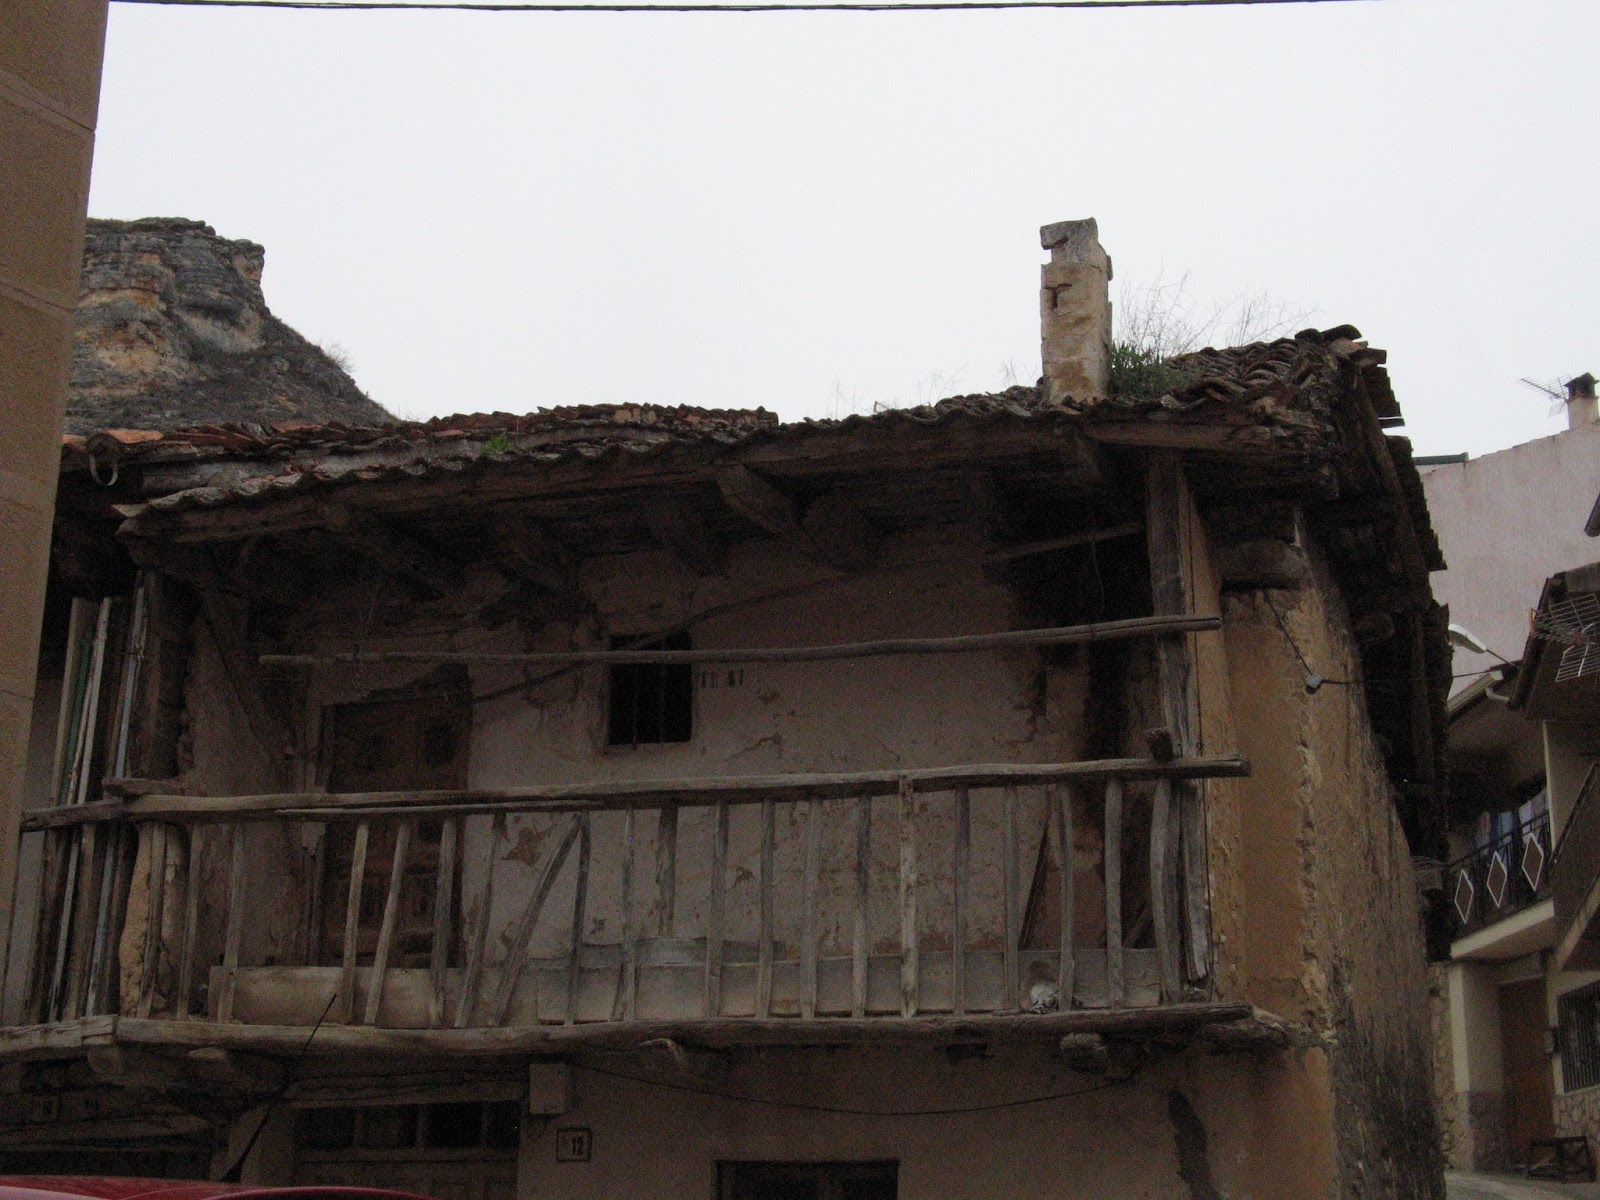 Tejados Segovianos O Tejados A La Segoviana Mayo 2017 ~ Tejadillos Para Puertas Rusticos